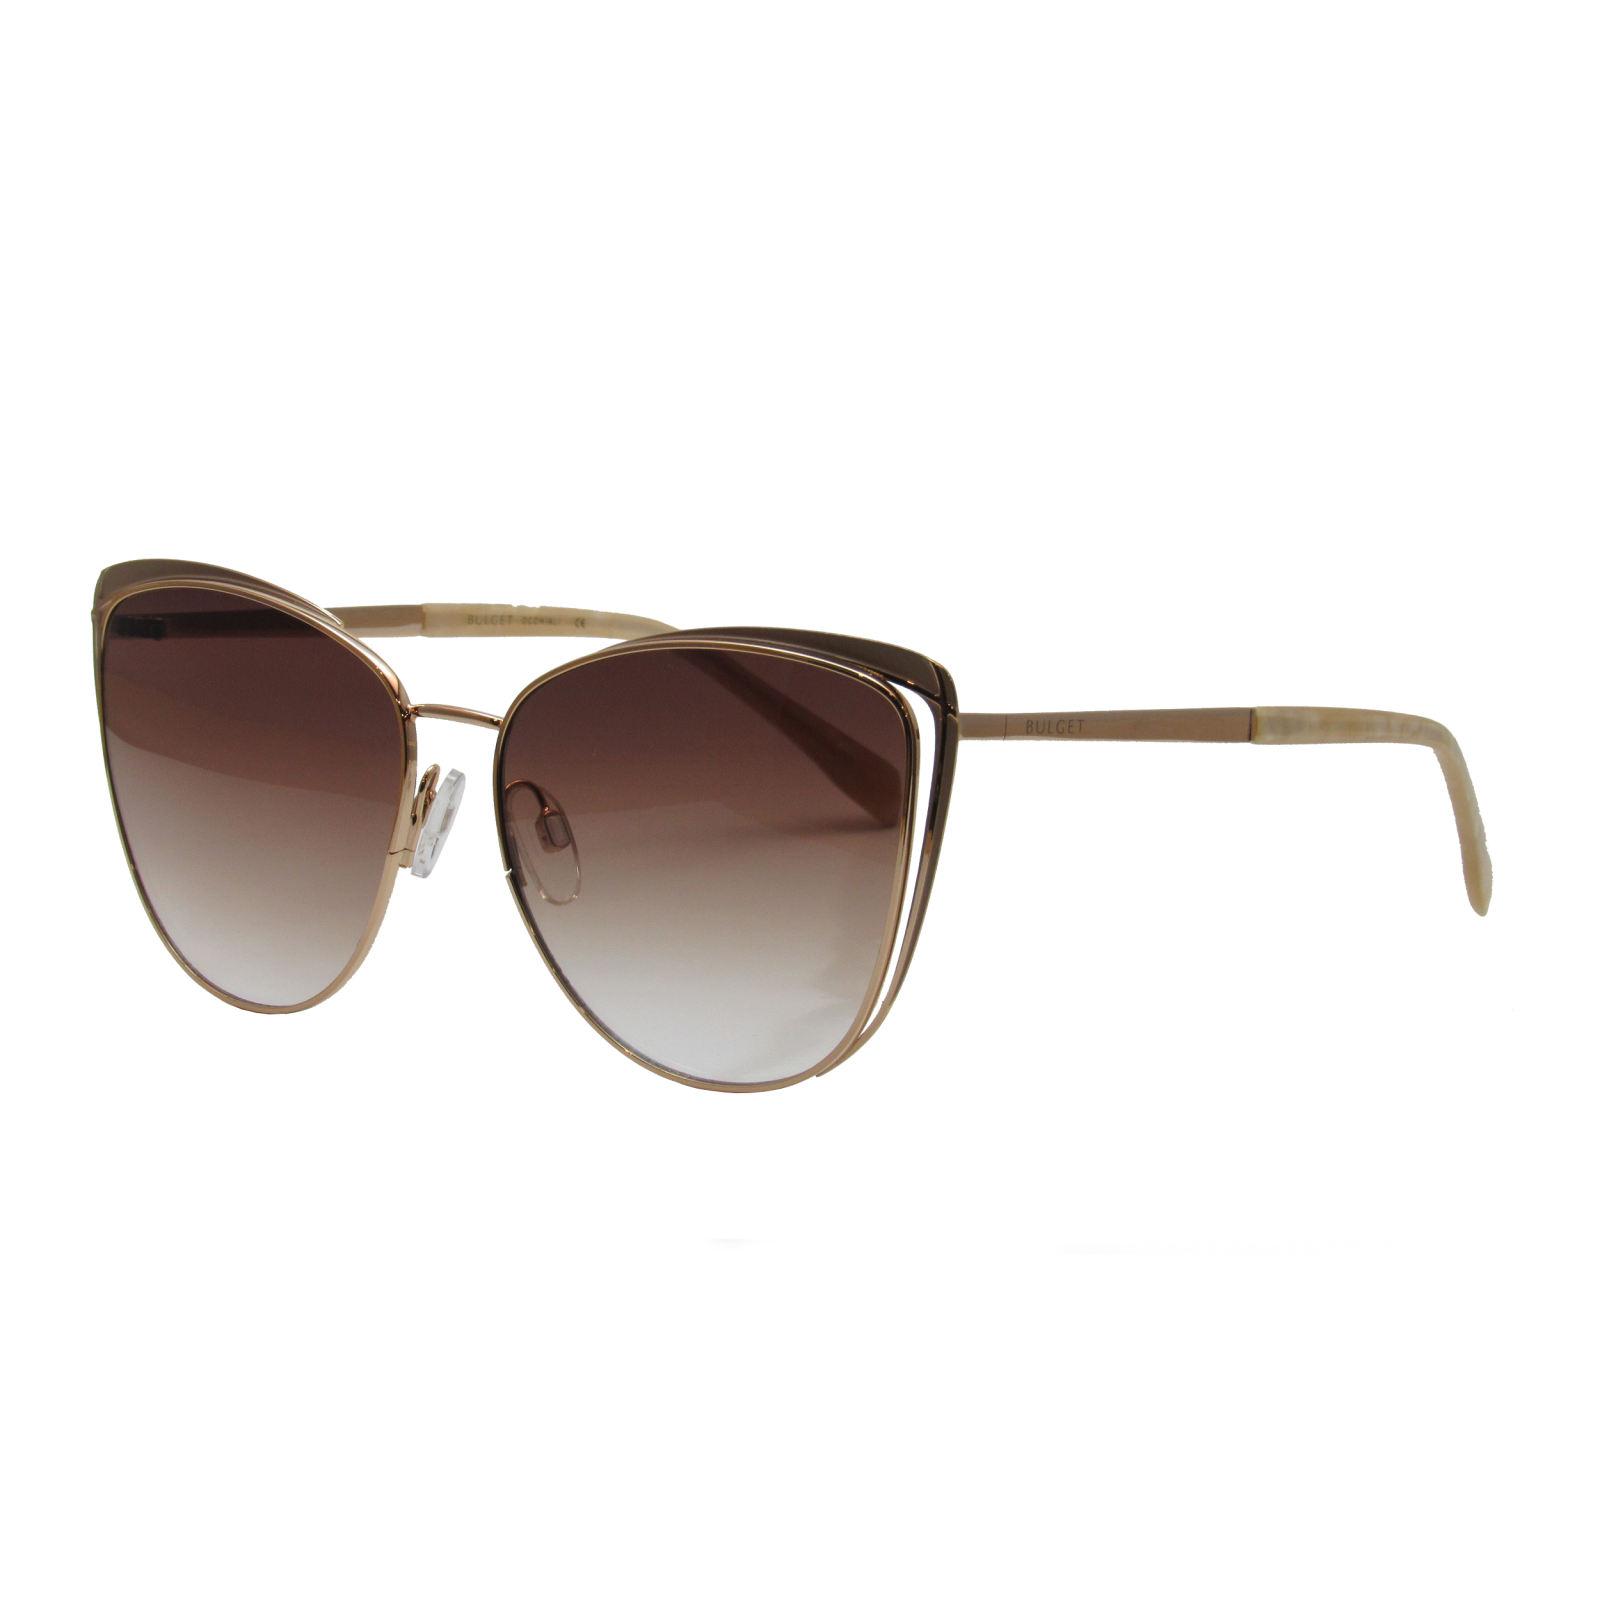 عینک آفتابی زنانه بولگت مدل BG3250 - 08A -  - 3